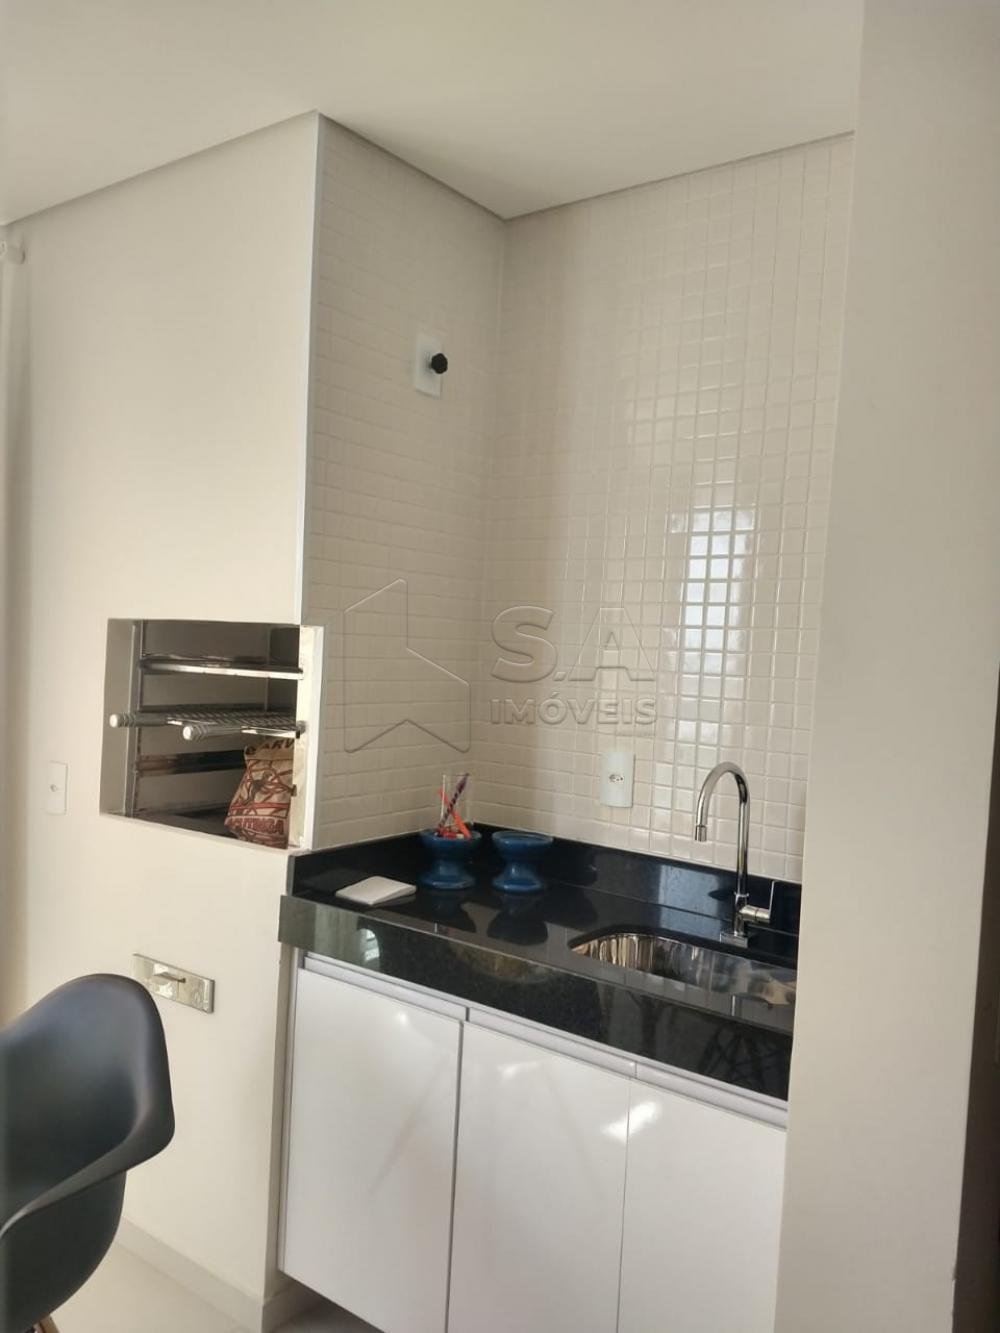 Comprar Apartamento / Padrão em Botucatu apenas R$ 750.000,00 - Foto 18